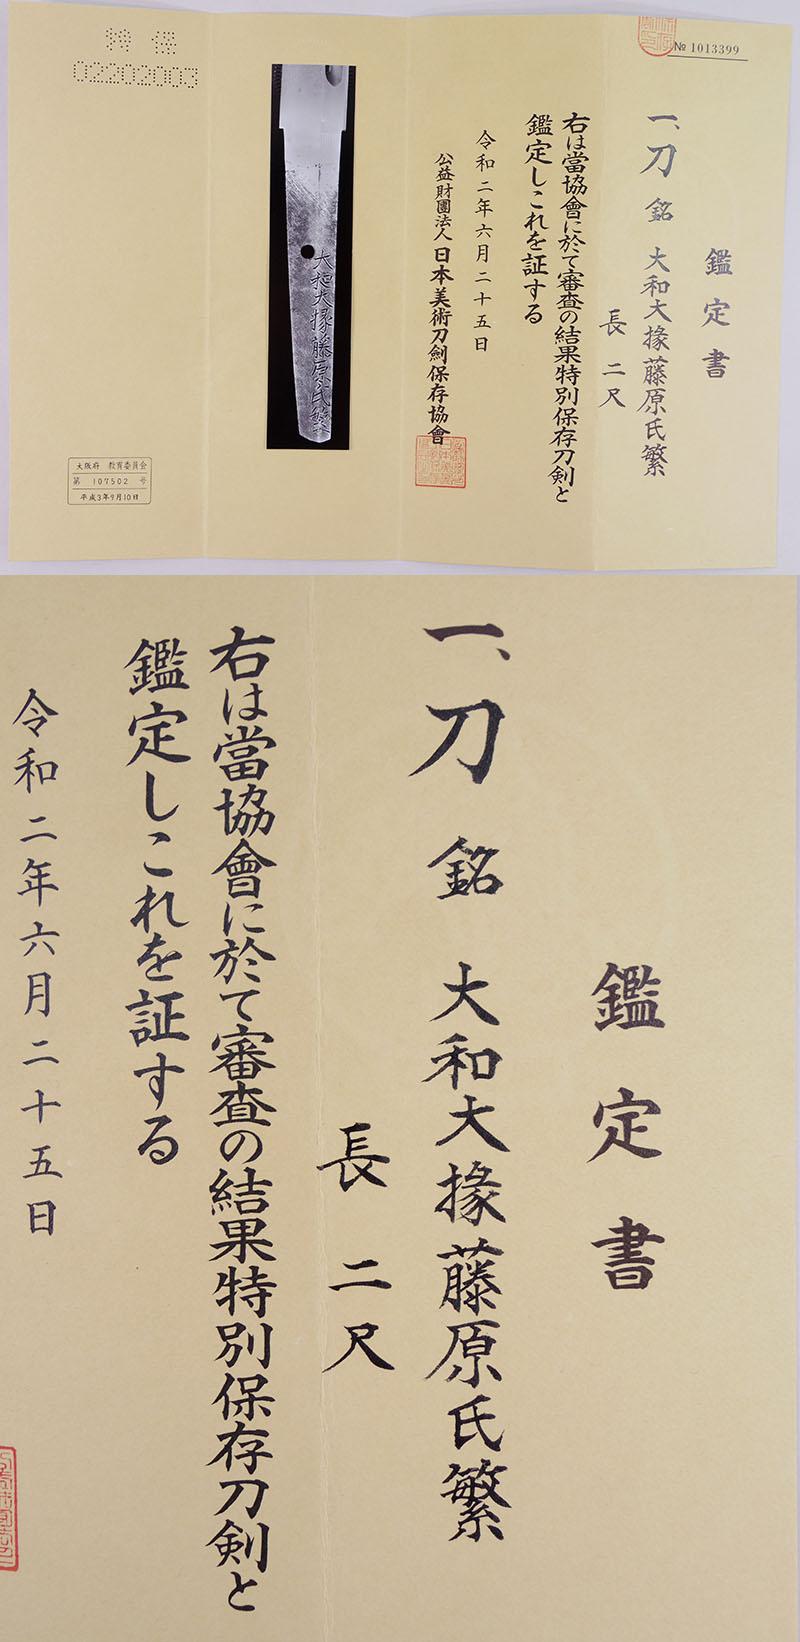 刀 大和大掾藤原氏繁(業物)(濤瀾刃) Picture of Certificate